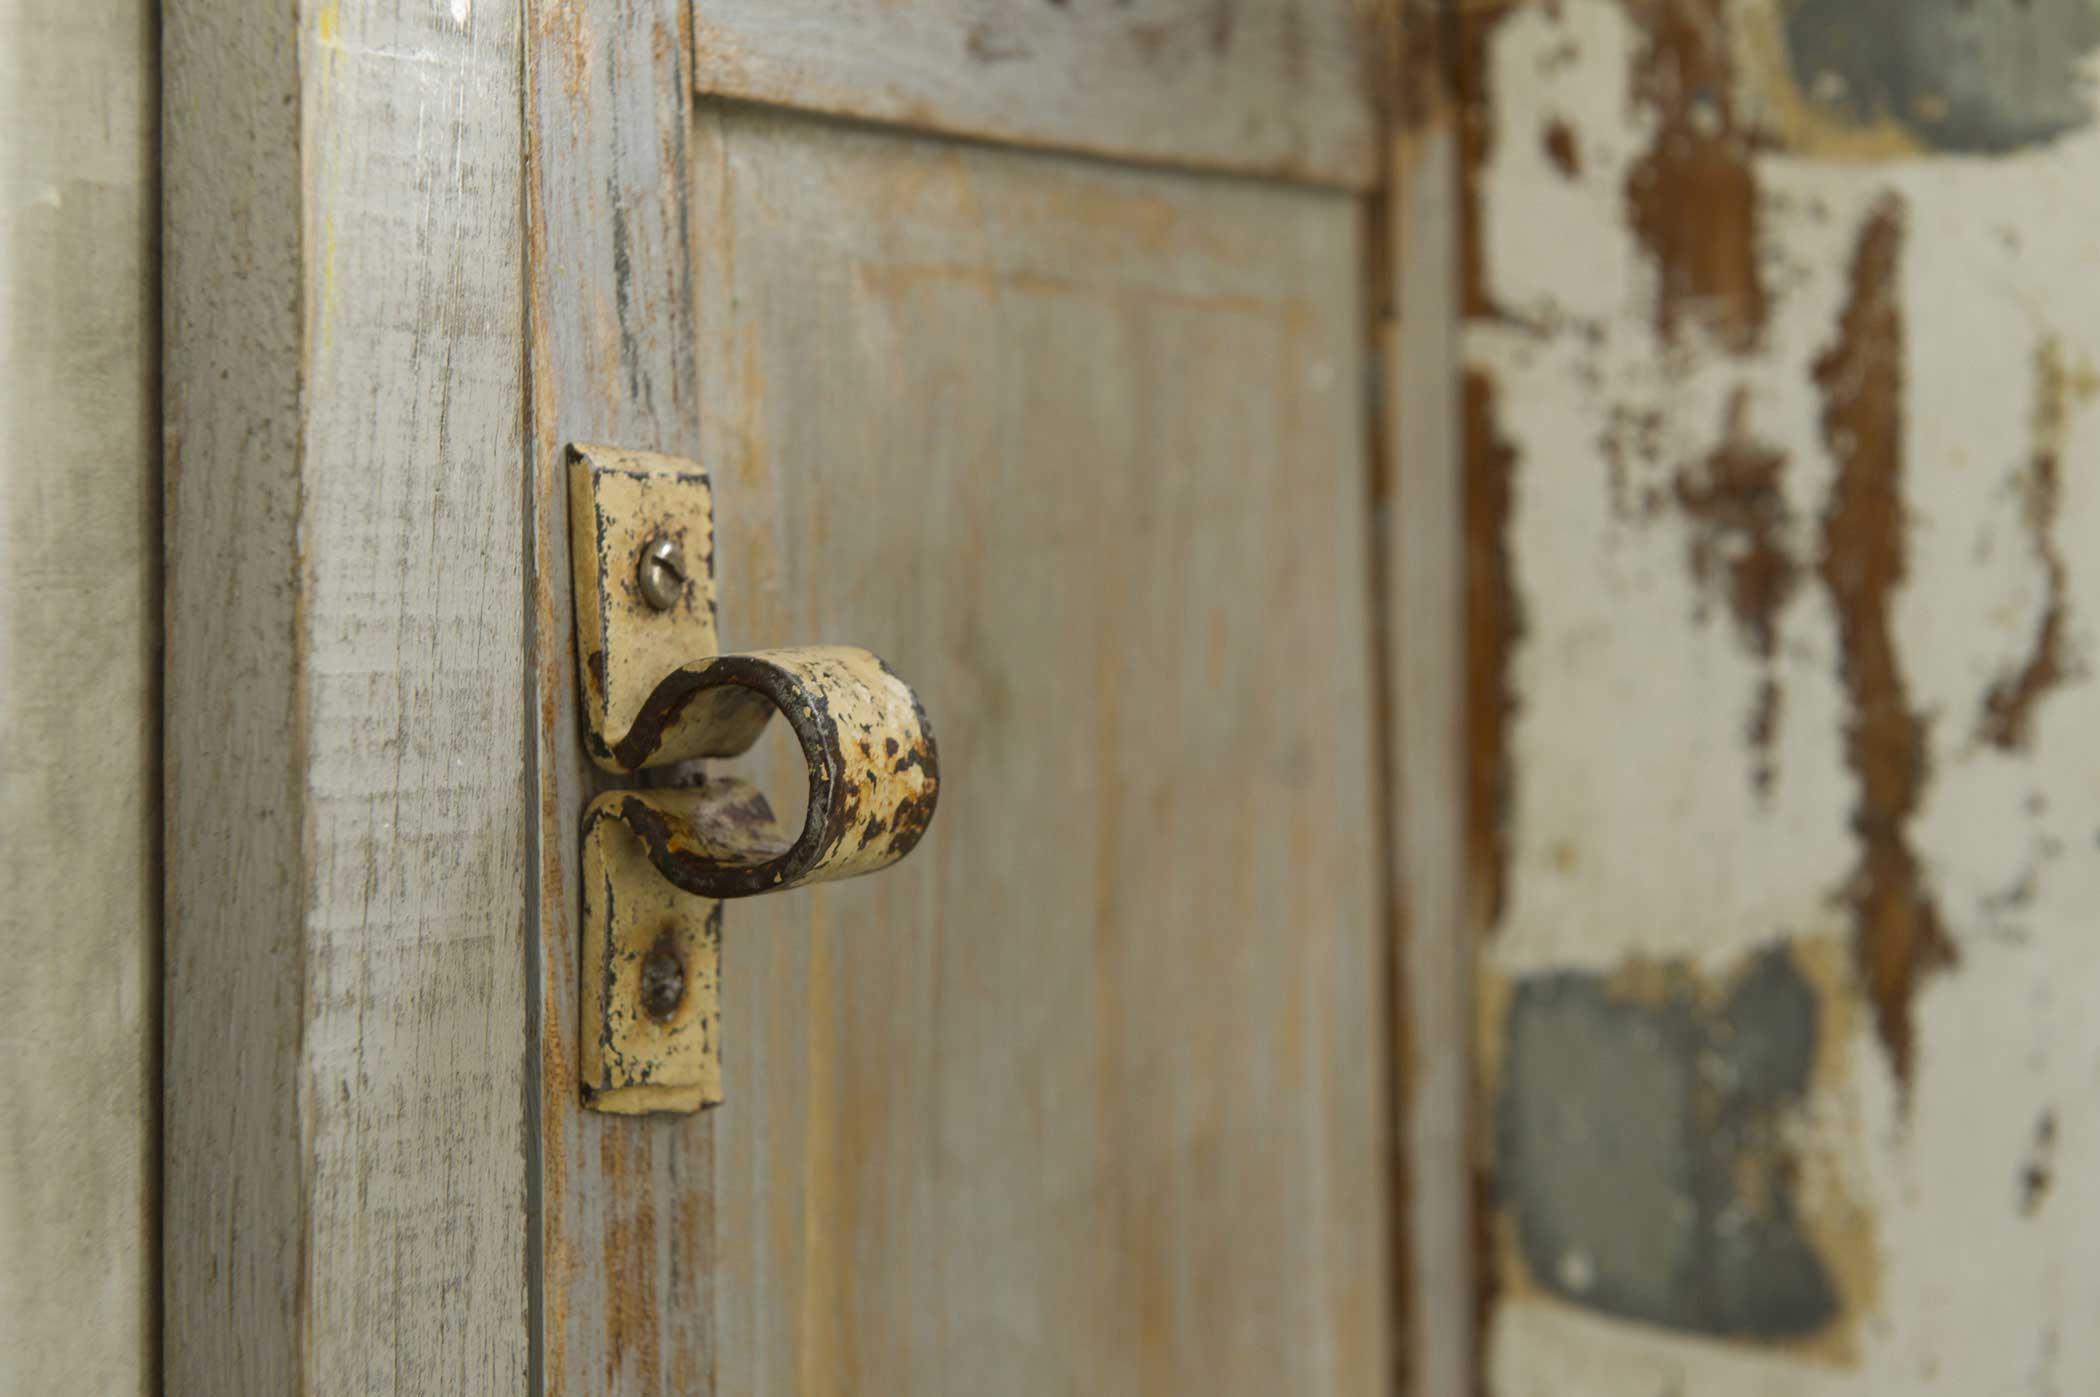 sportello cucina artigianale in legno di recupero vintage controprogetto